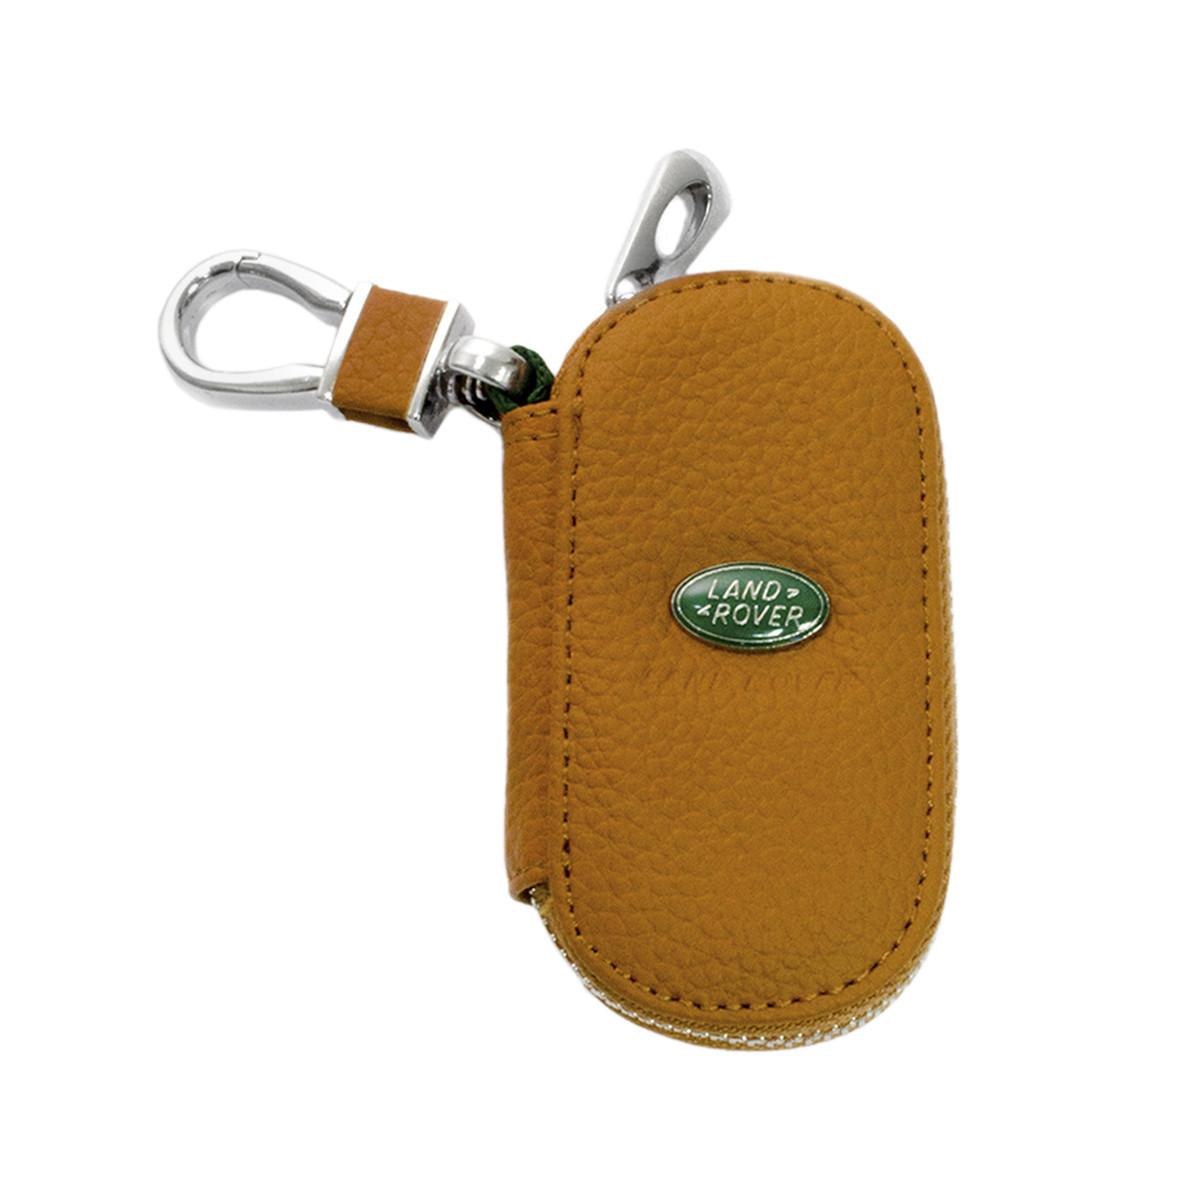 Ключниця Carss з логотипом LAND ROVER 15001 коричнева